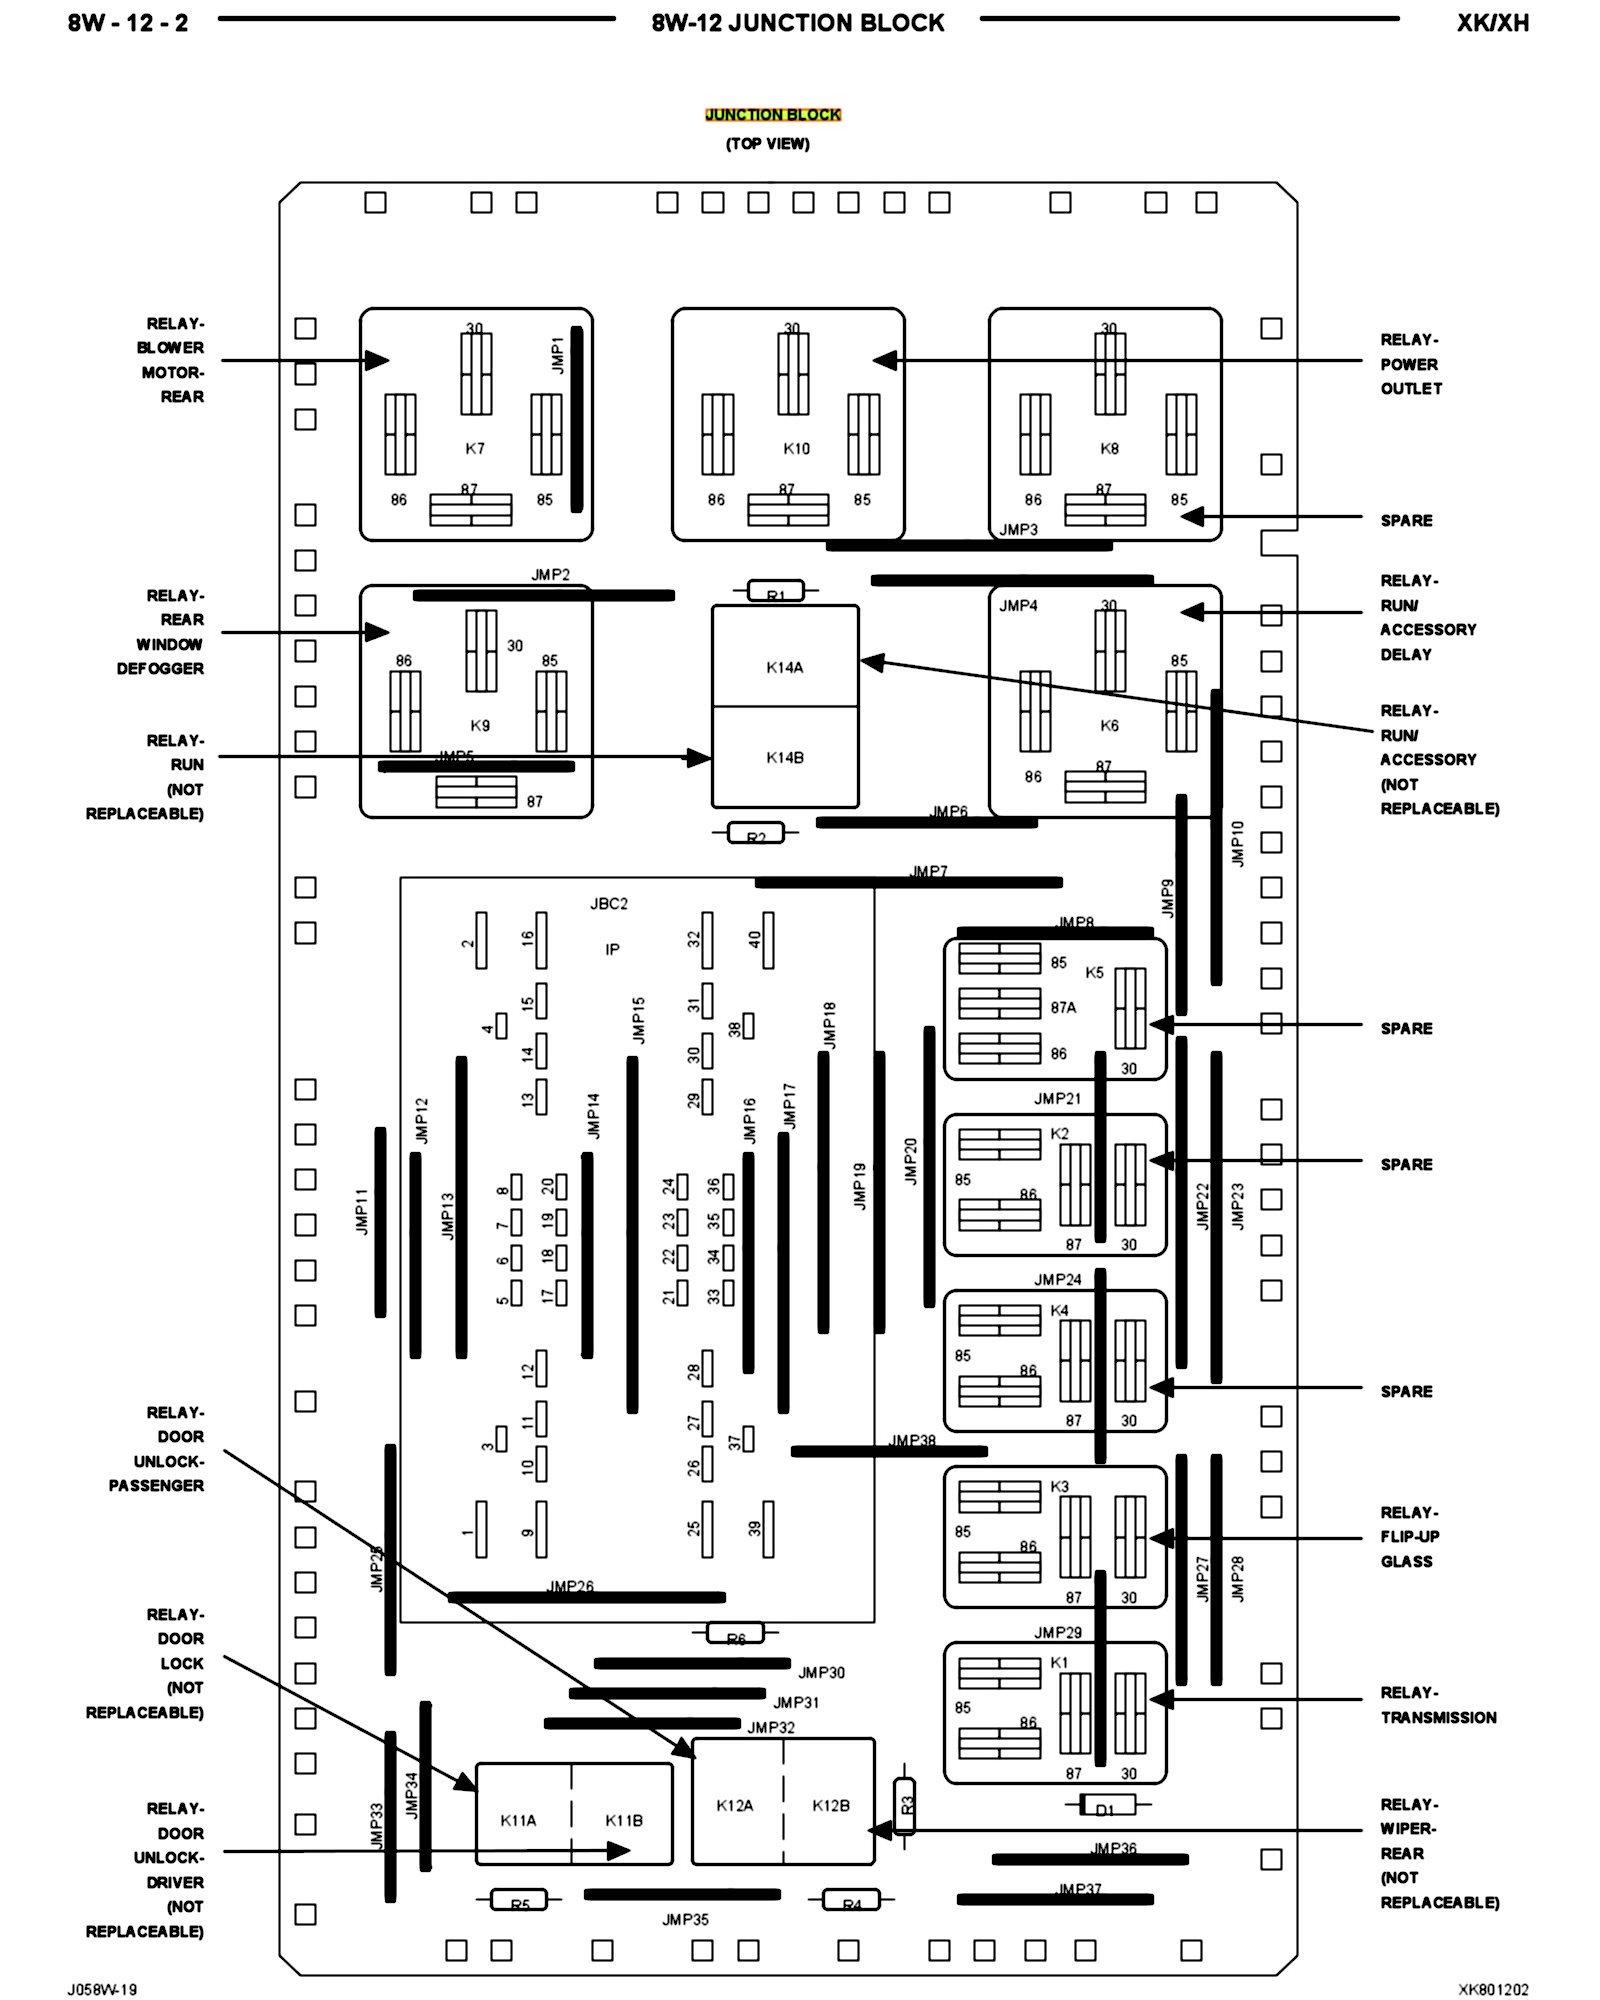 [AL_6496] 2010 Jeep Commander Fuse Box Wiring Diagram